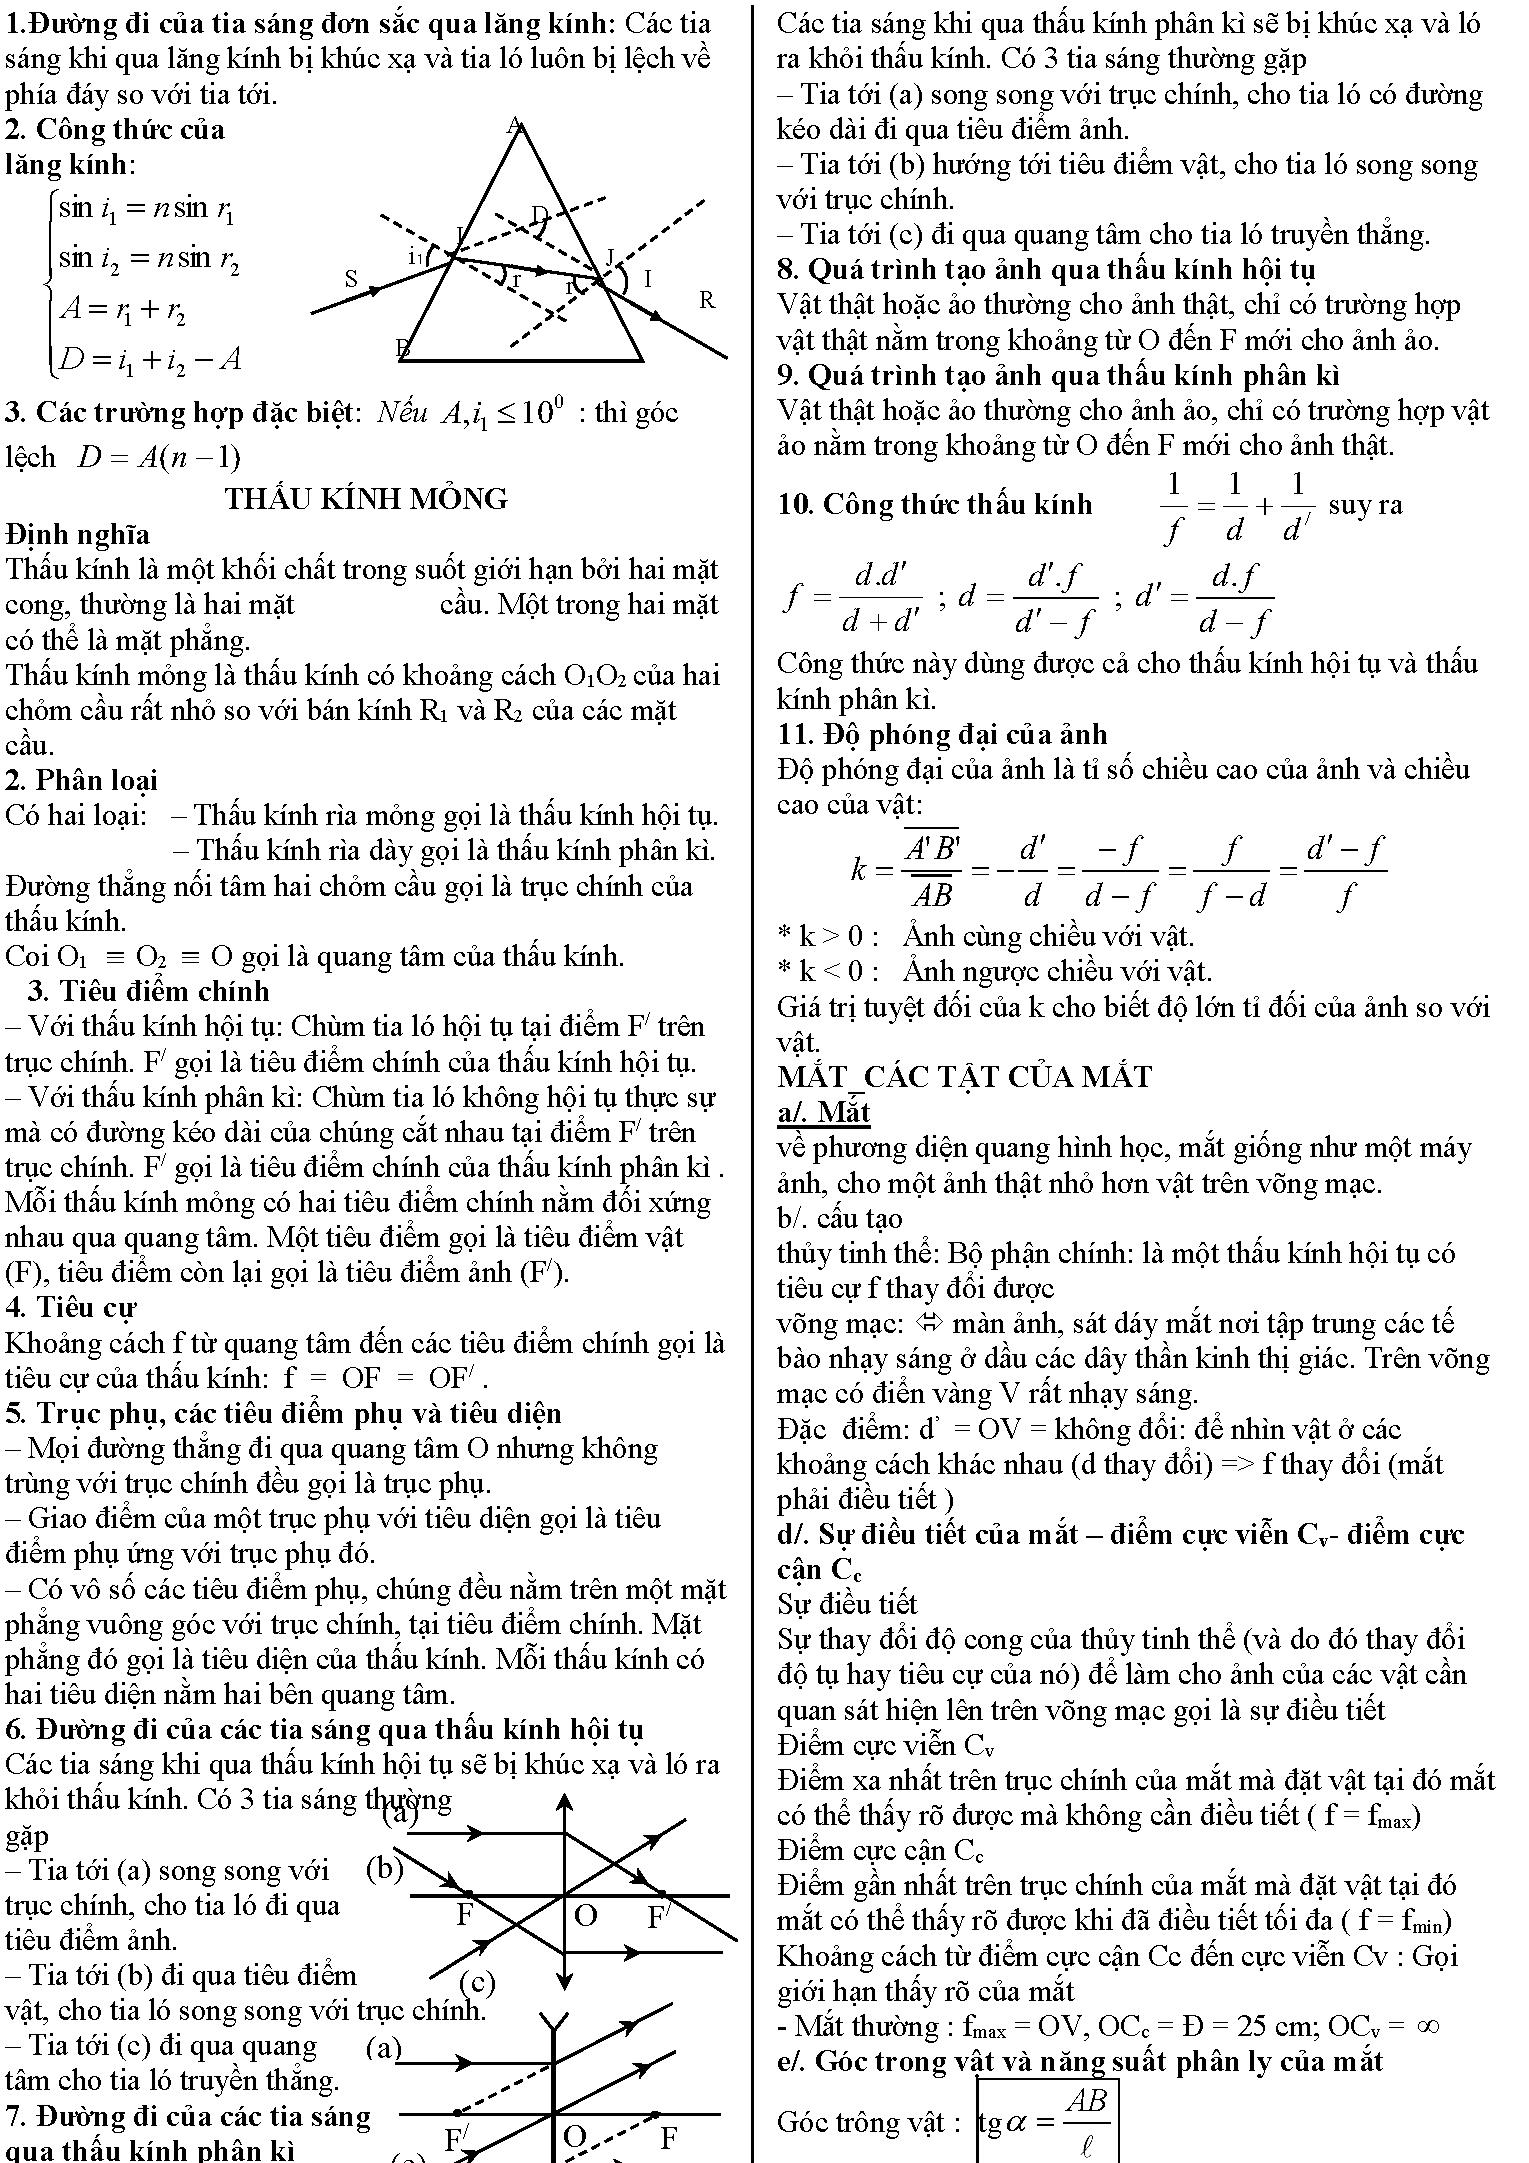 Tất cả các công thức lý 11 học kì 2